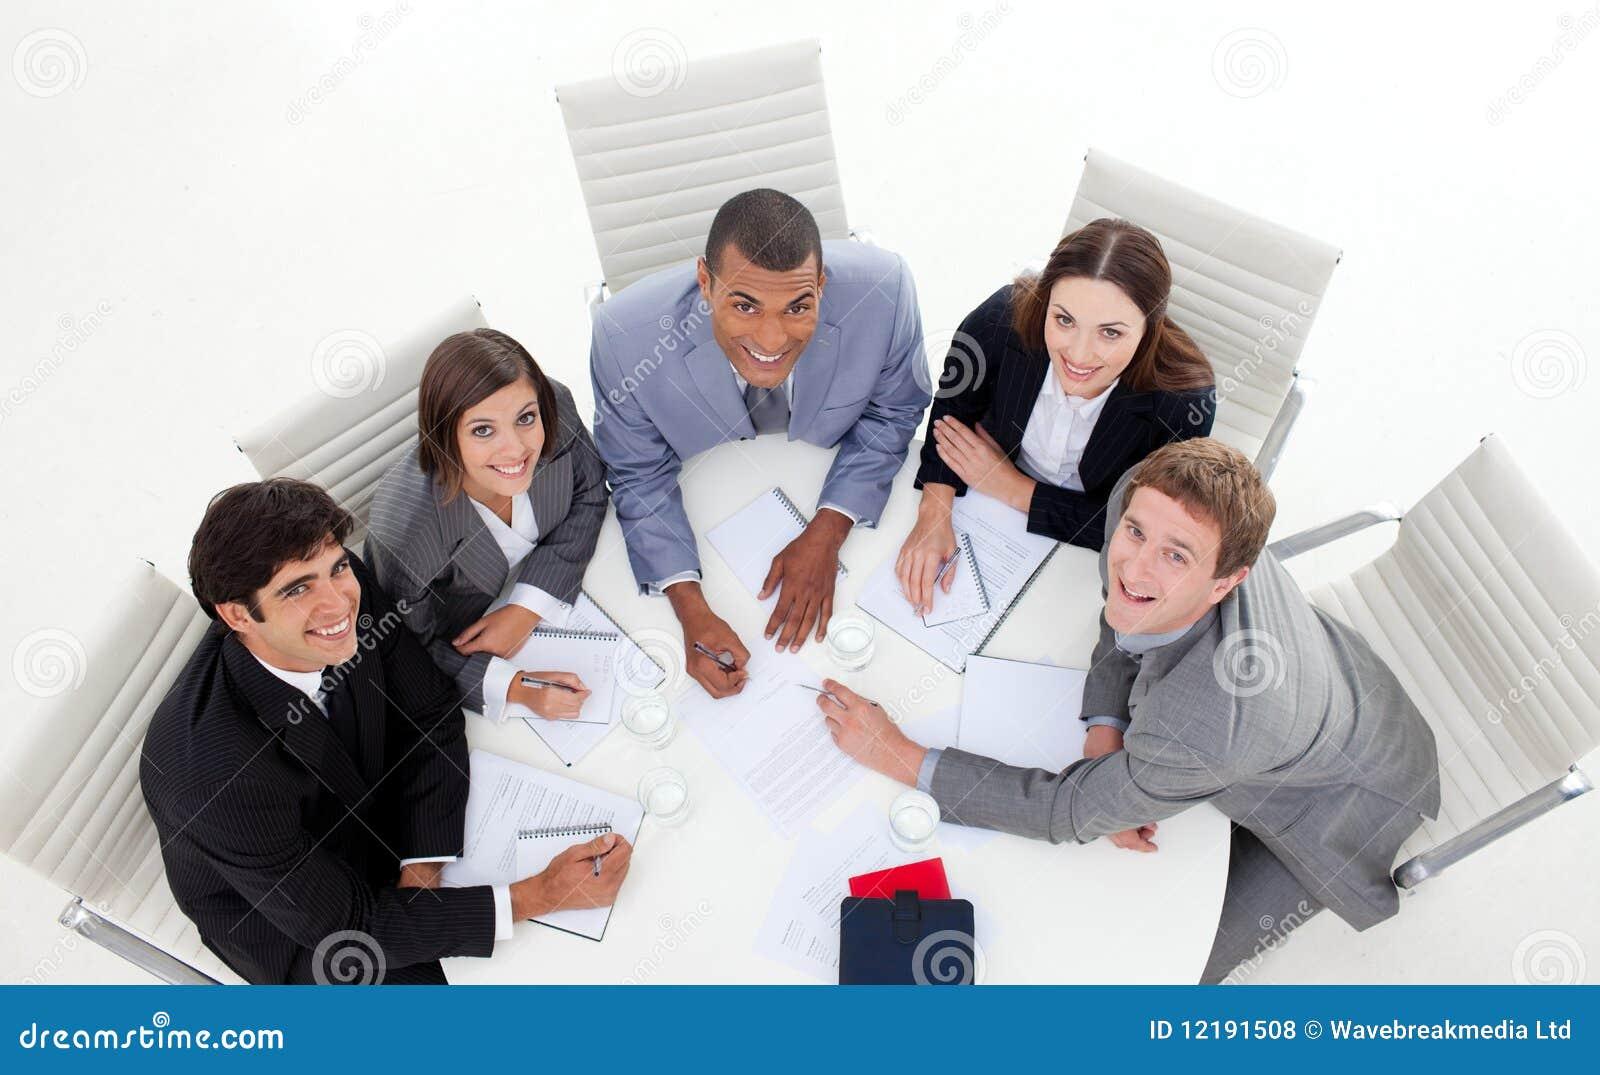 Hög vinkel av multi-ethnic affärsfolk